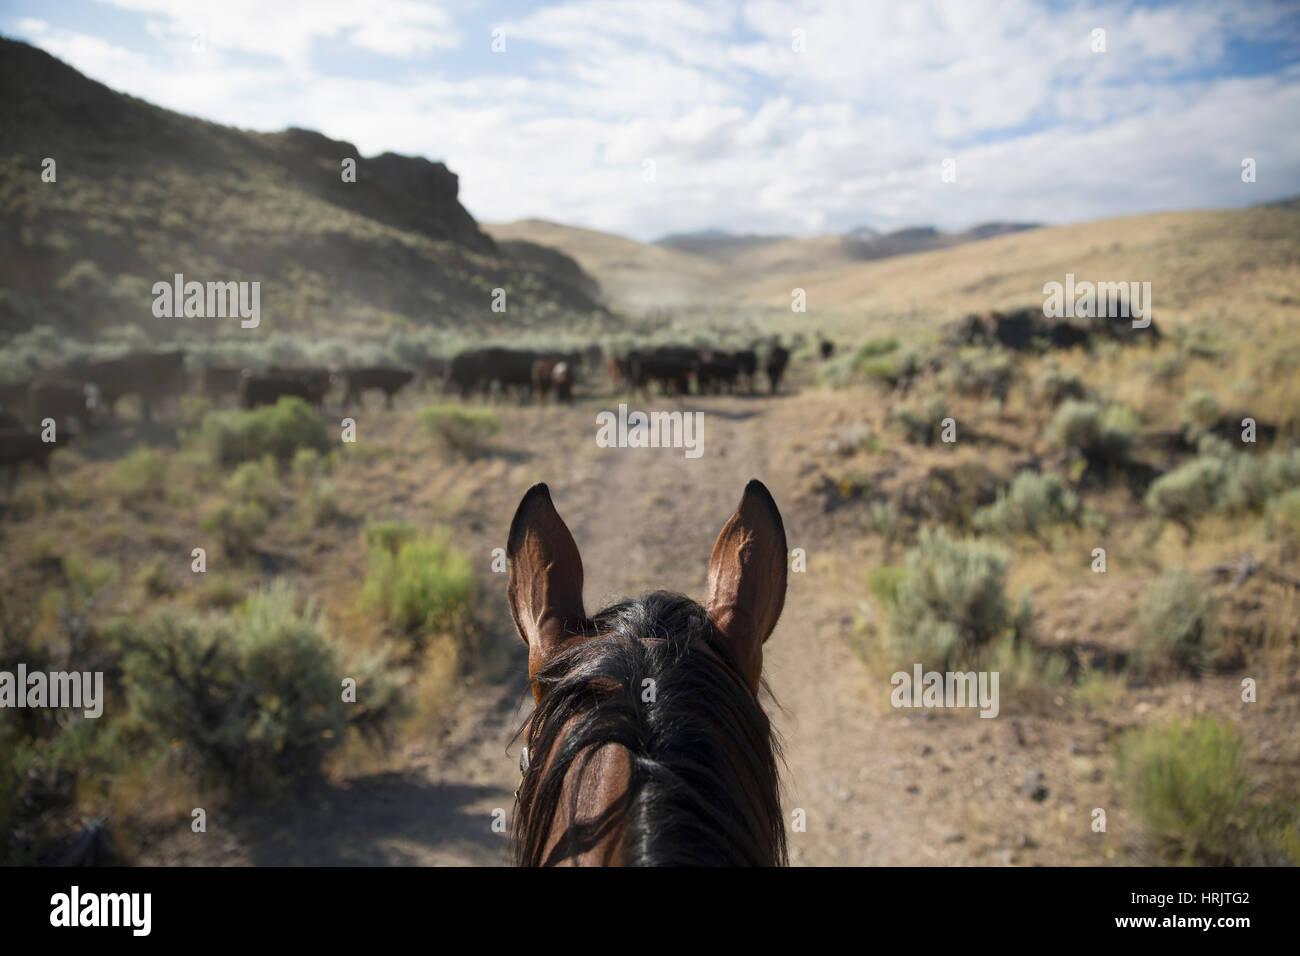 La prospettiva di un cowboy a cavallo allevamento del bestiame in un polveroso paesaggio rurale. Immagini Stock